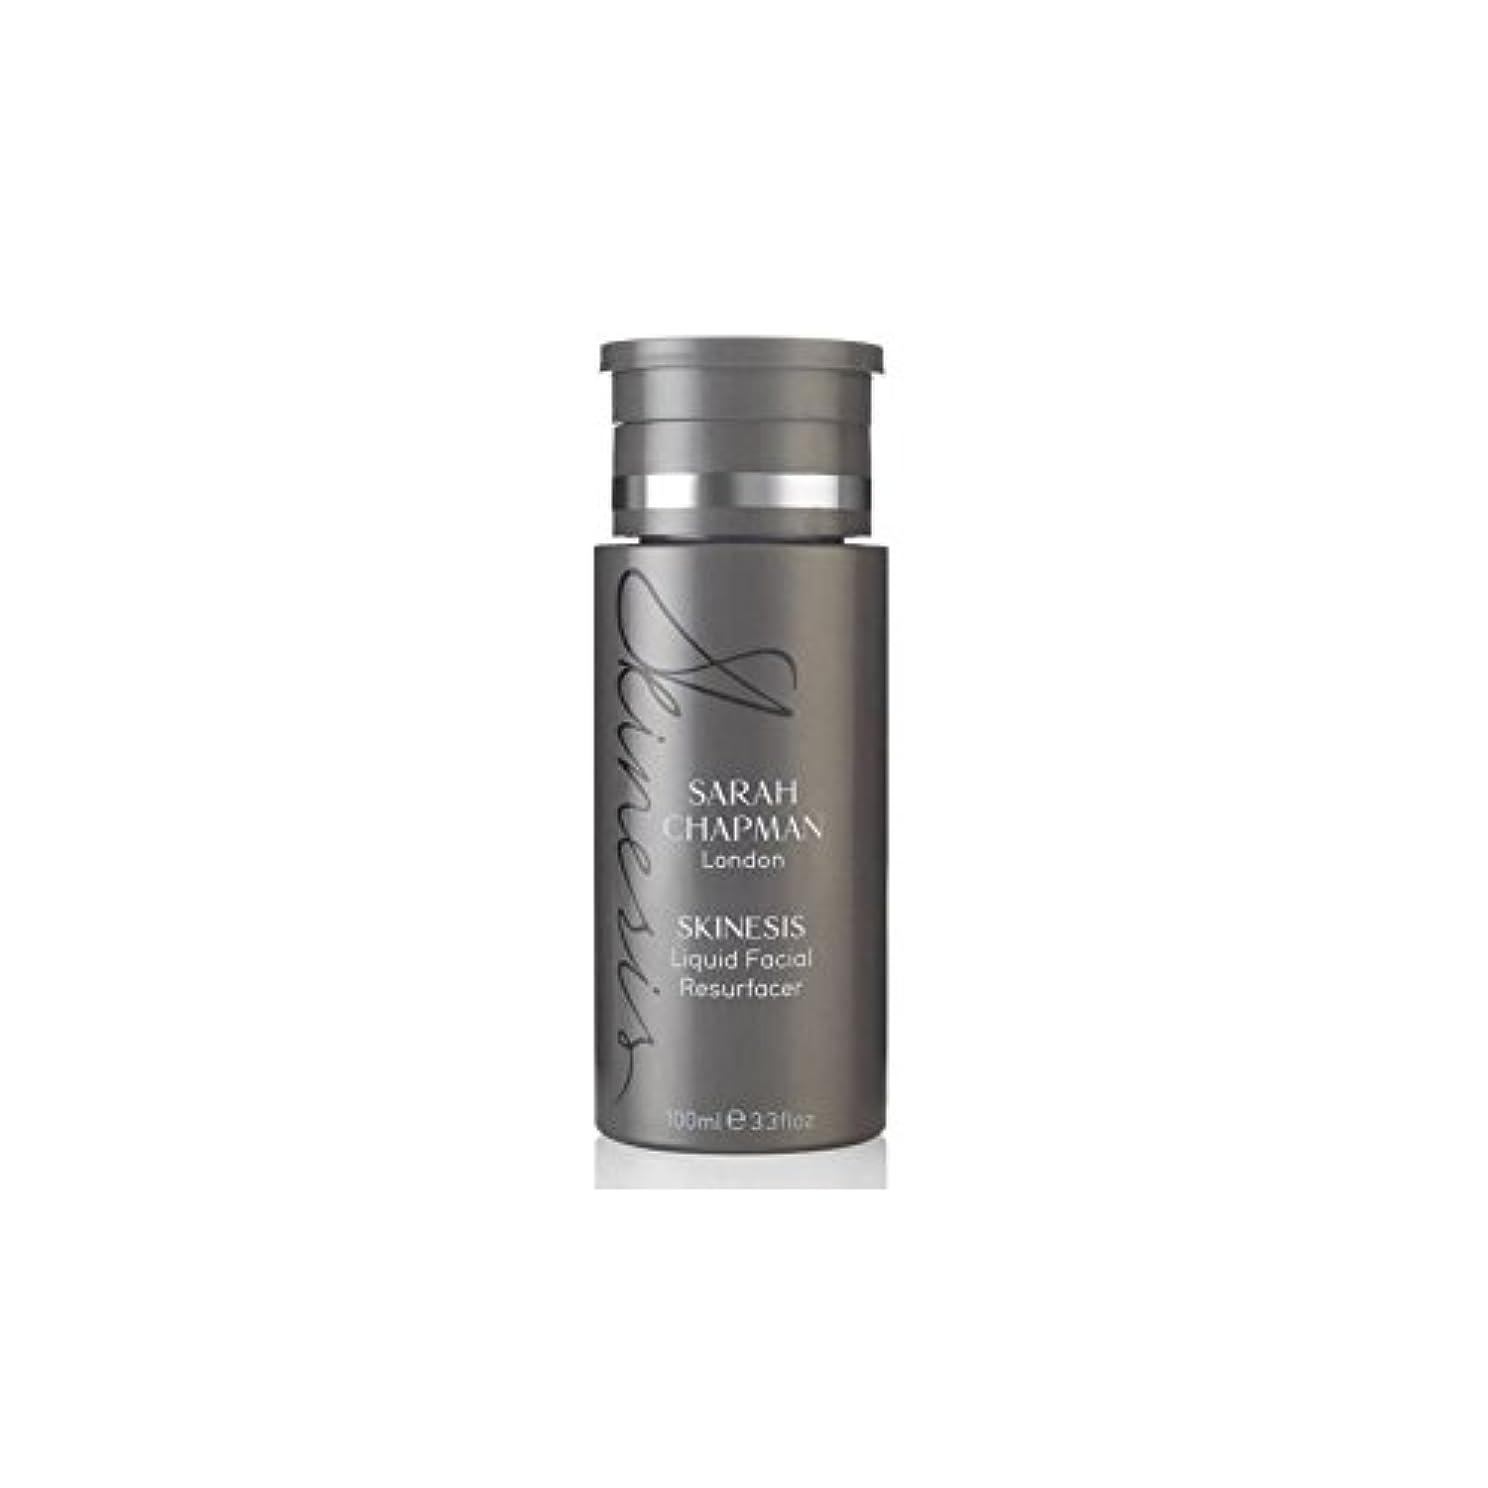 フェンス彫る妖精Sarah Chapman Skinesis Liquid Facial Resurfacer (100ml) (Pack of 6) - サラチャップマン液体顔(100)に x6 [並行輸入品]